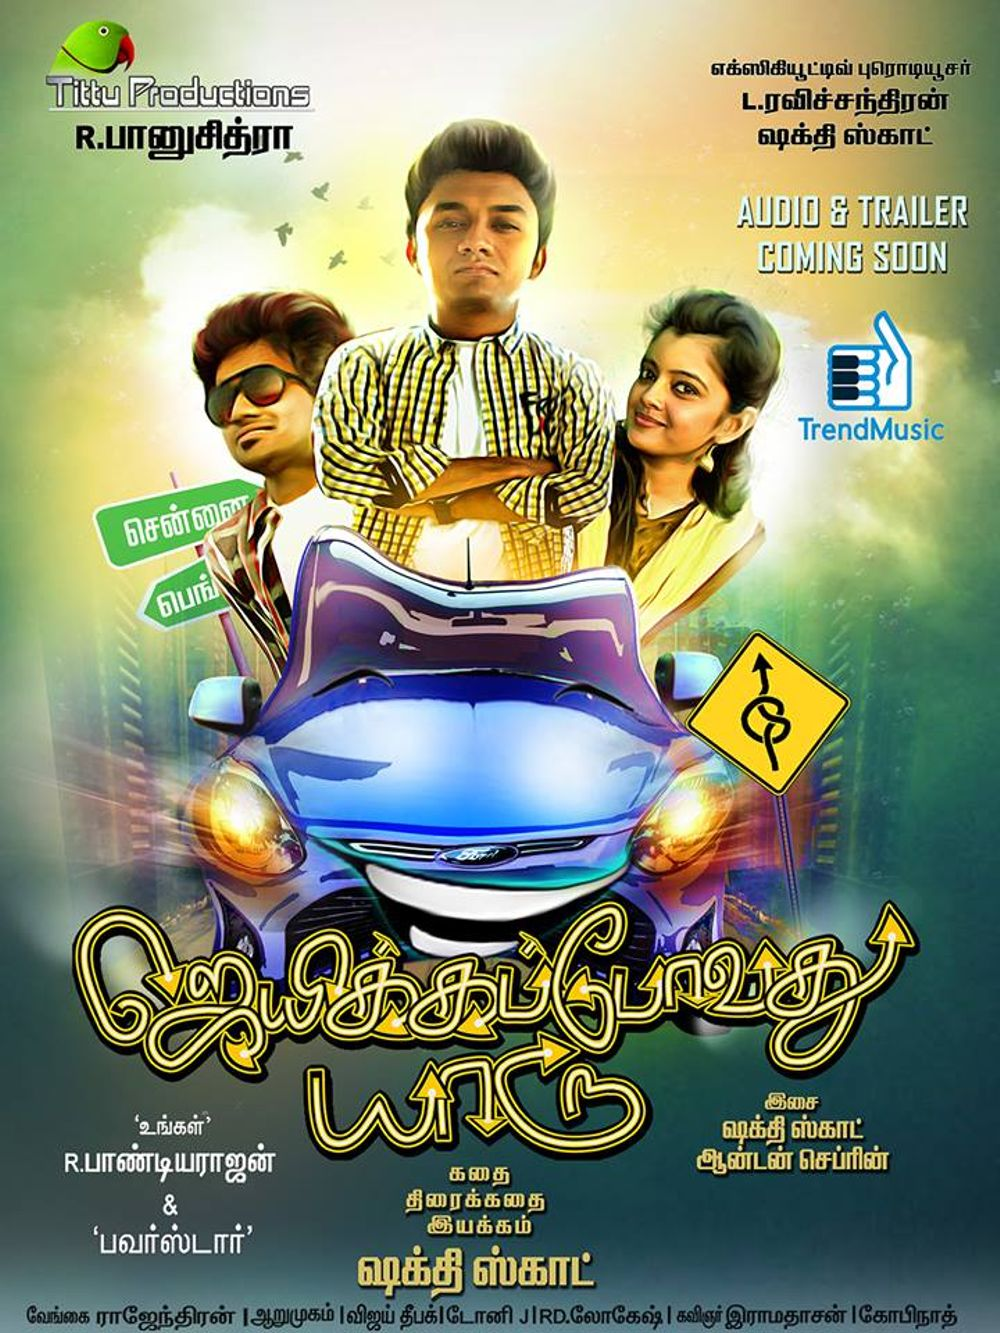 Jaikka Povadhu Yaaru Movie Review